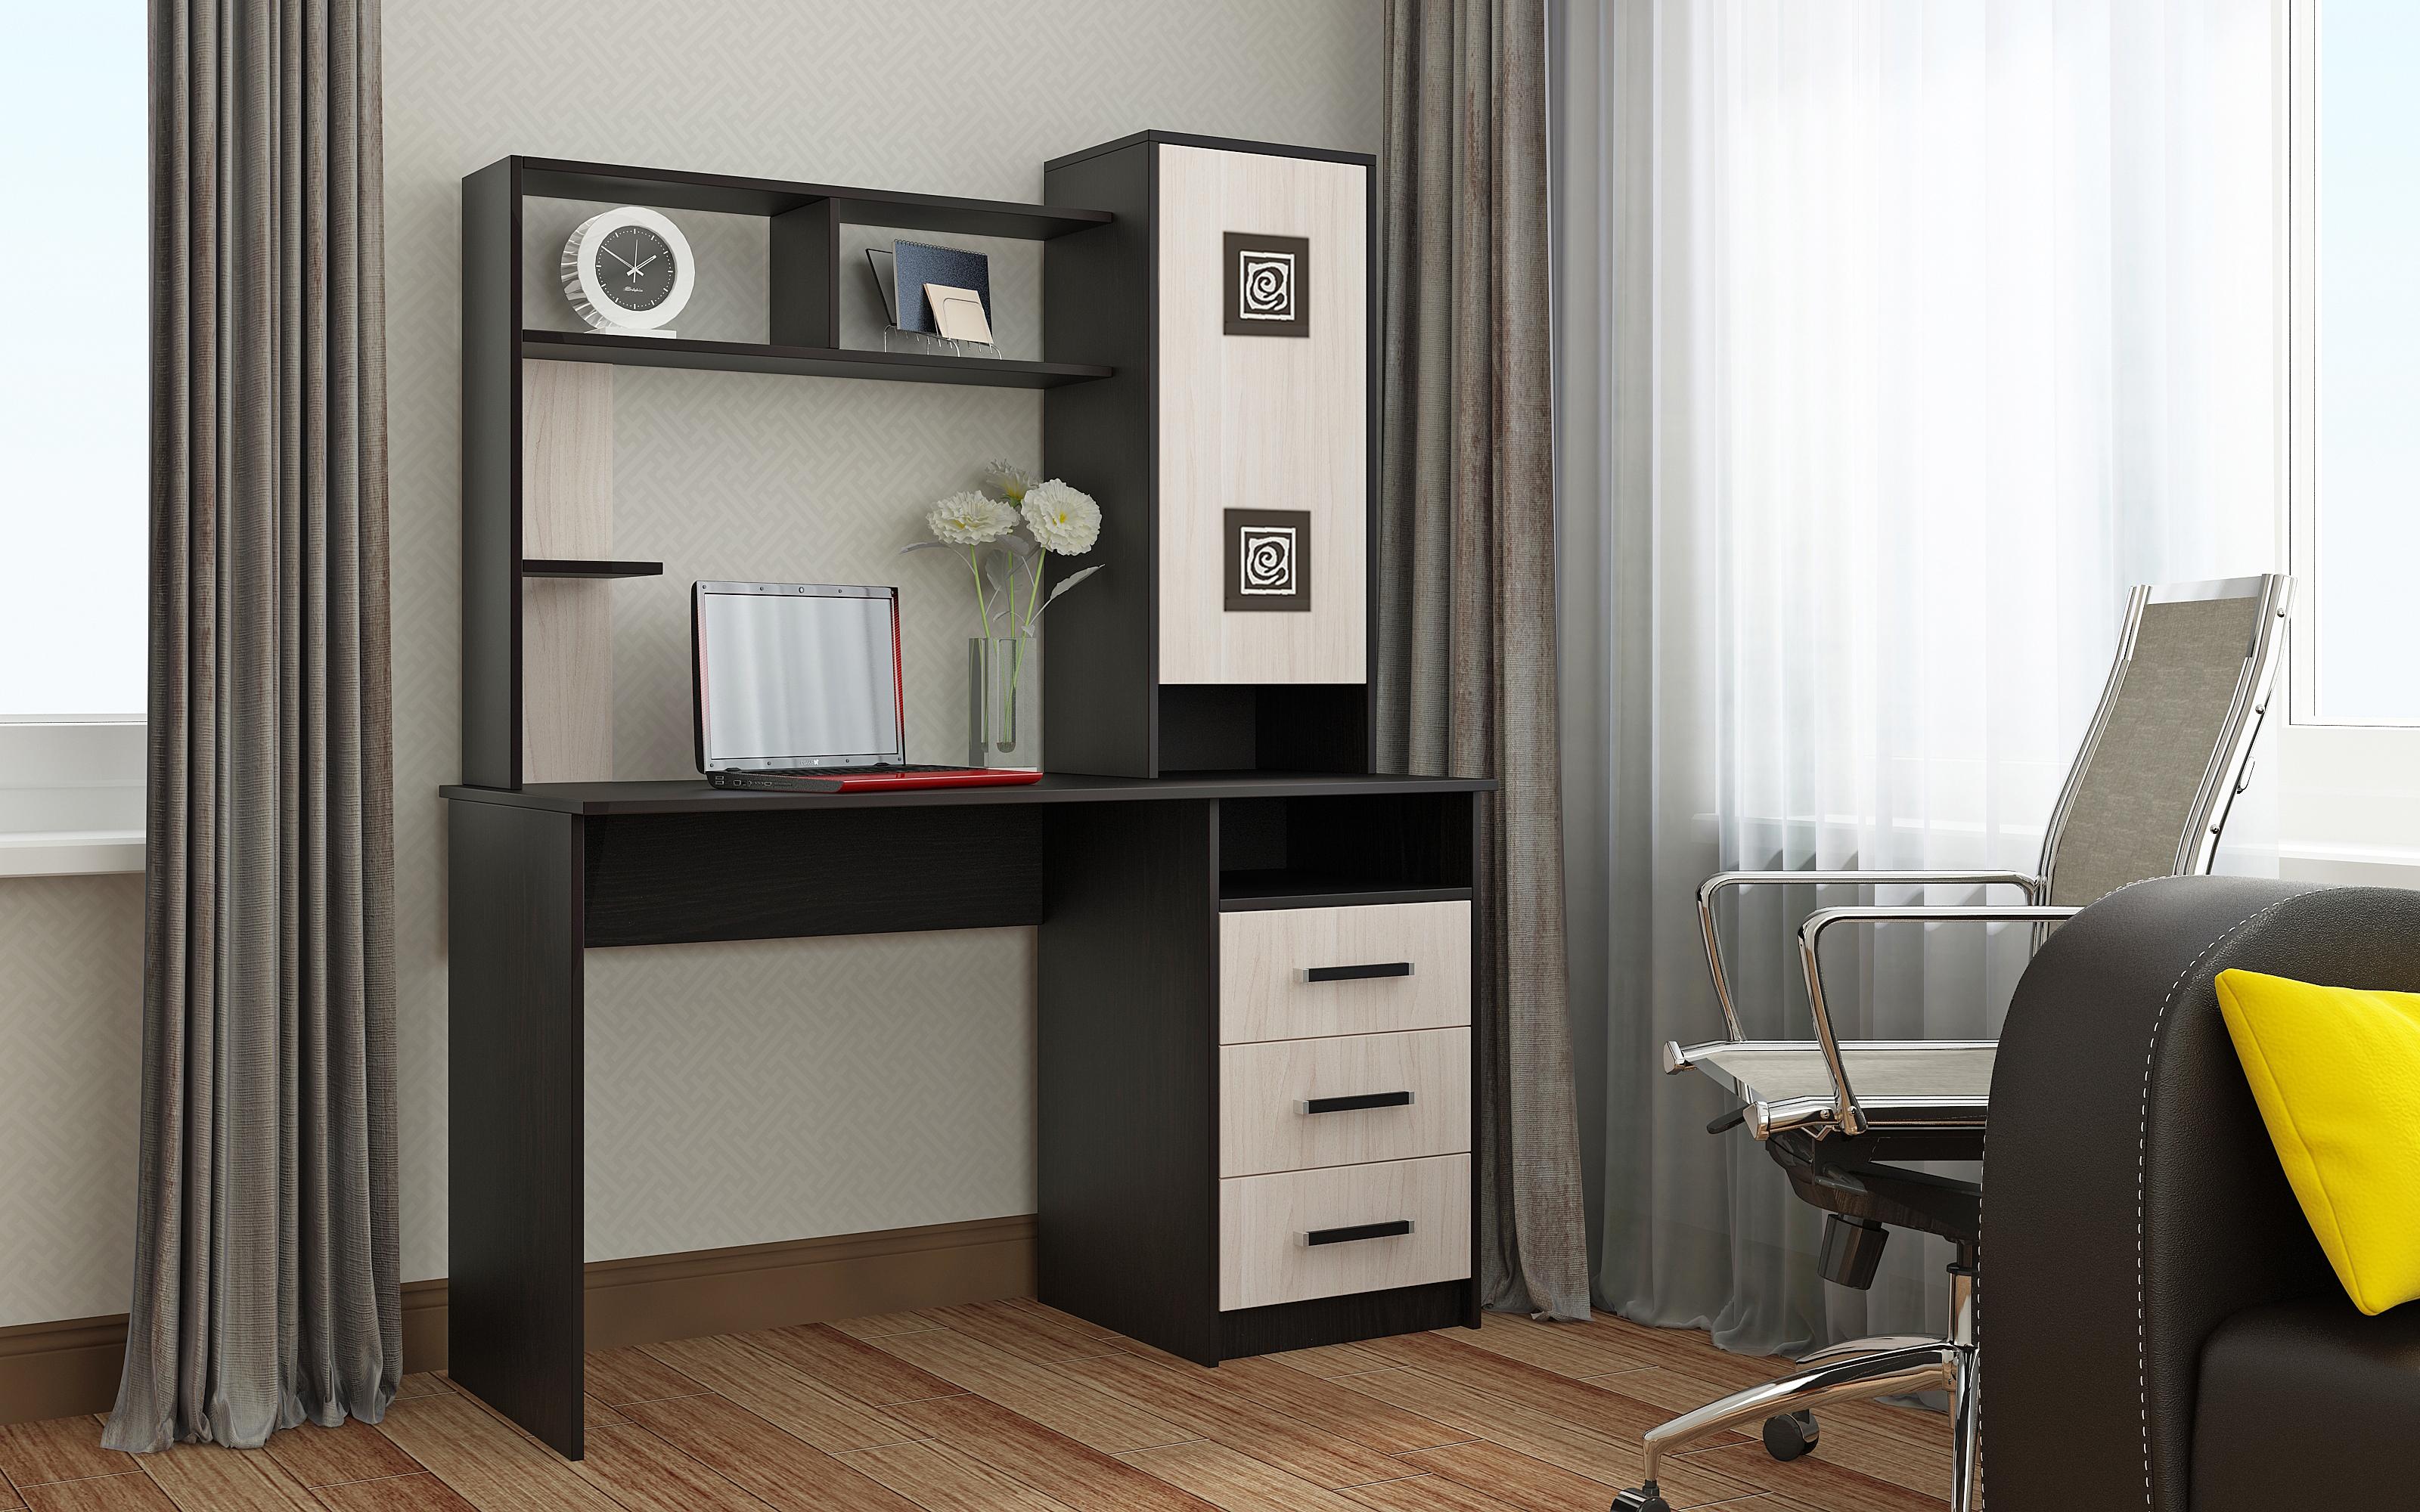 Компьютерный стол фаворит, купить в екатеринбурге. цена.